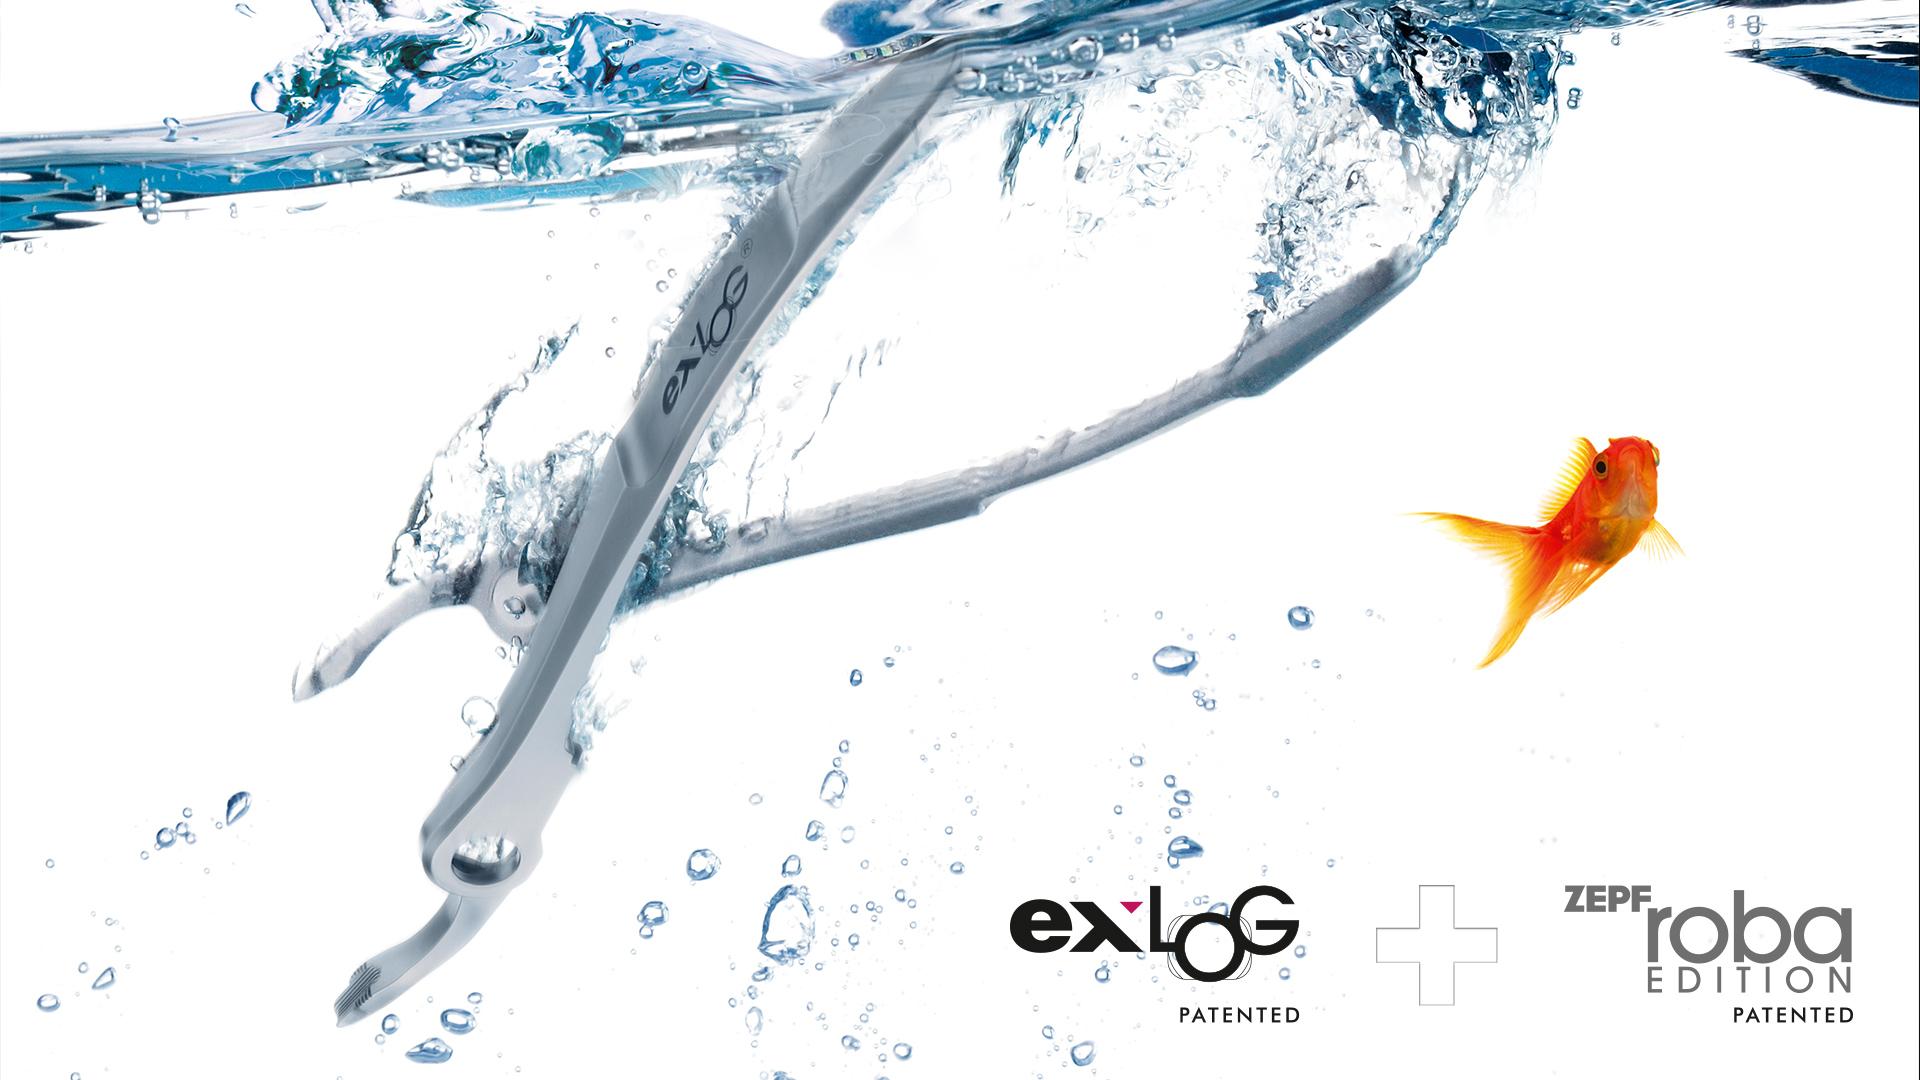 exlog-roba-zepf